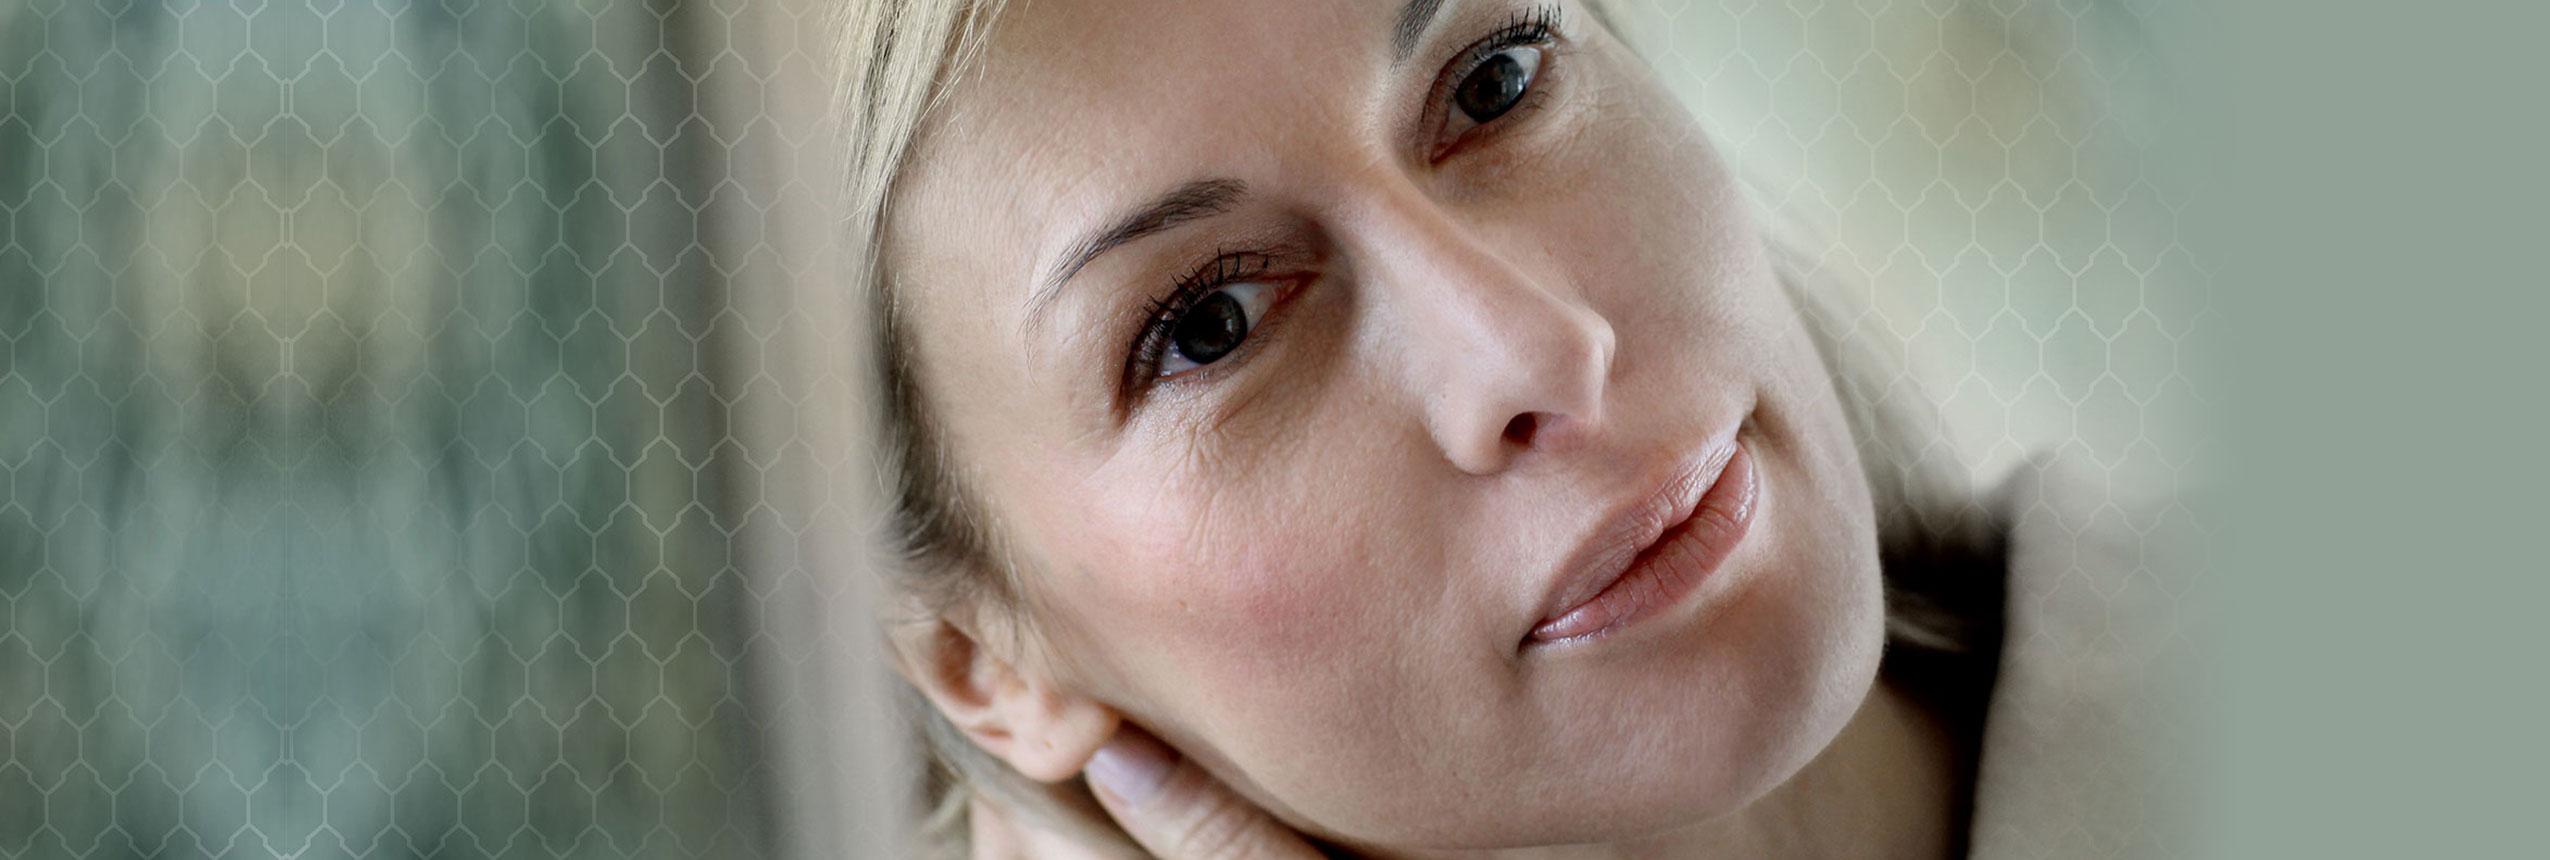 botox behandlung hautarzt muenchen - Botox Behandlung